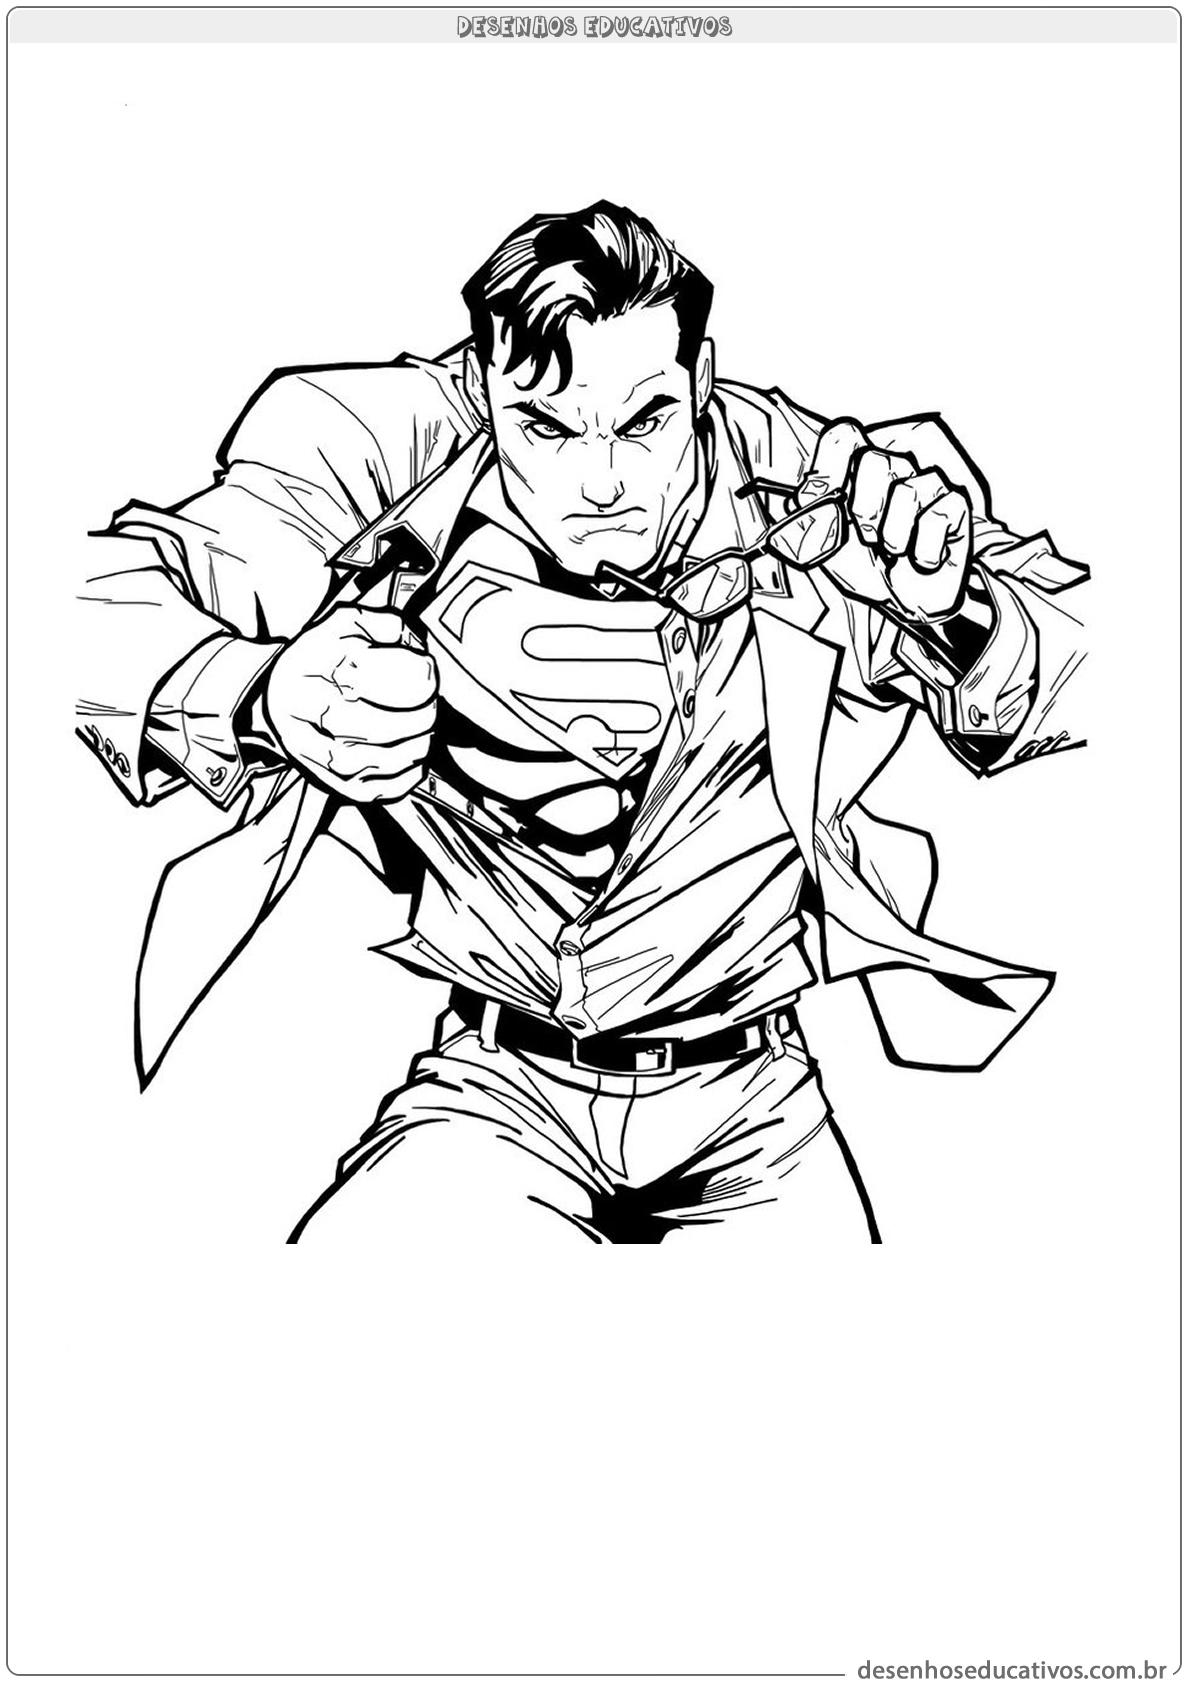 Desenho para colorir do Superman